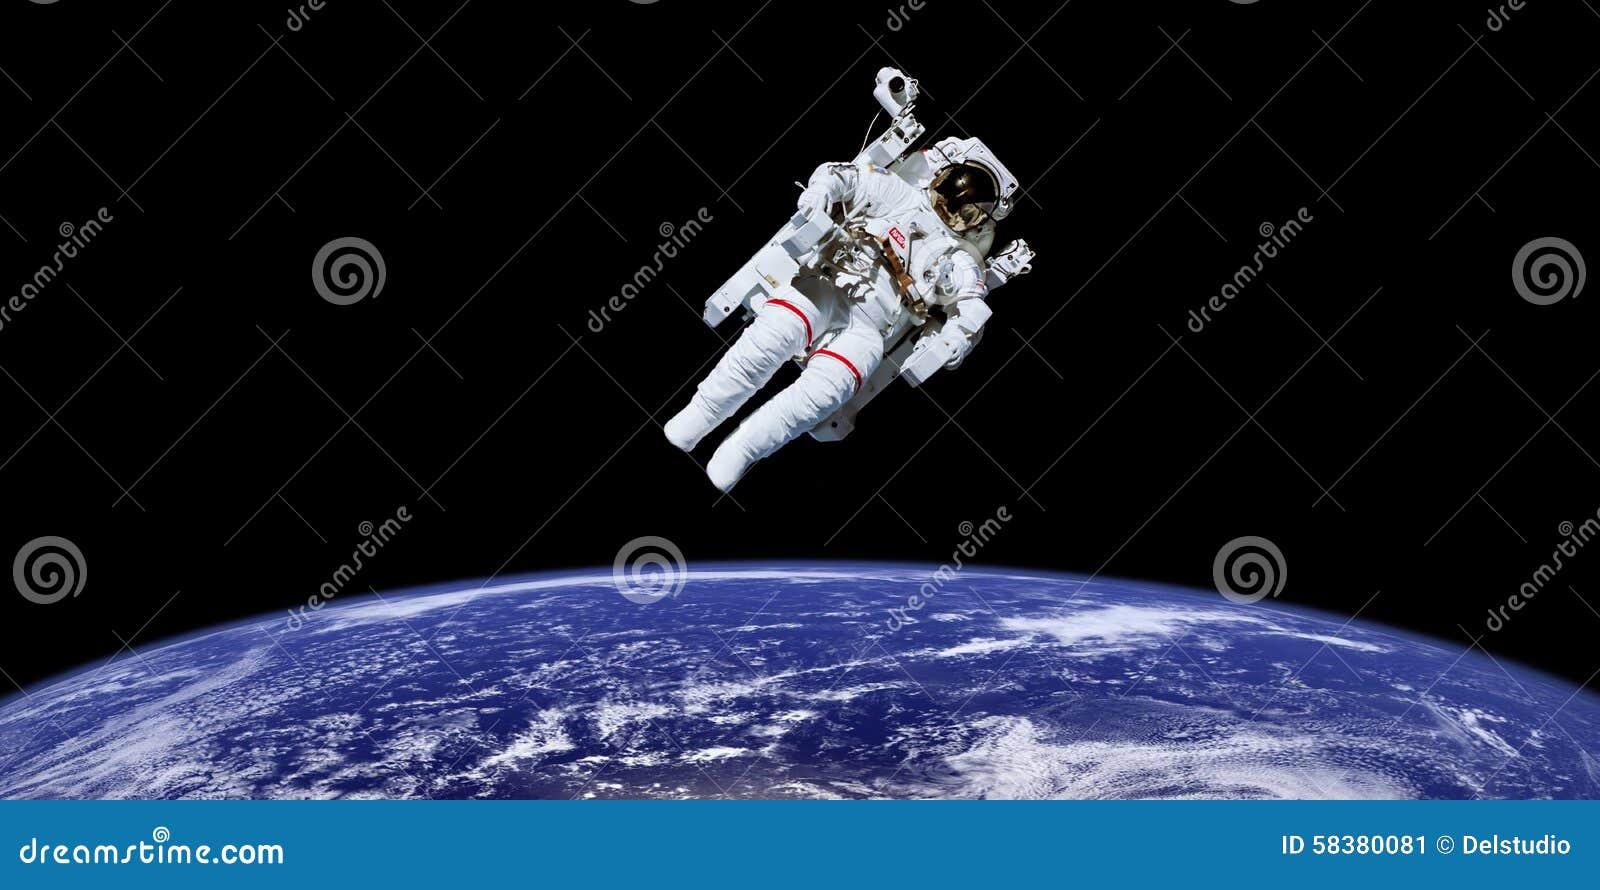 Astronauta Flotando En El Espacio Exterior: Astronauta En Espacio Exterior Sobre La Tierra Del Planeta